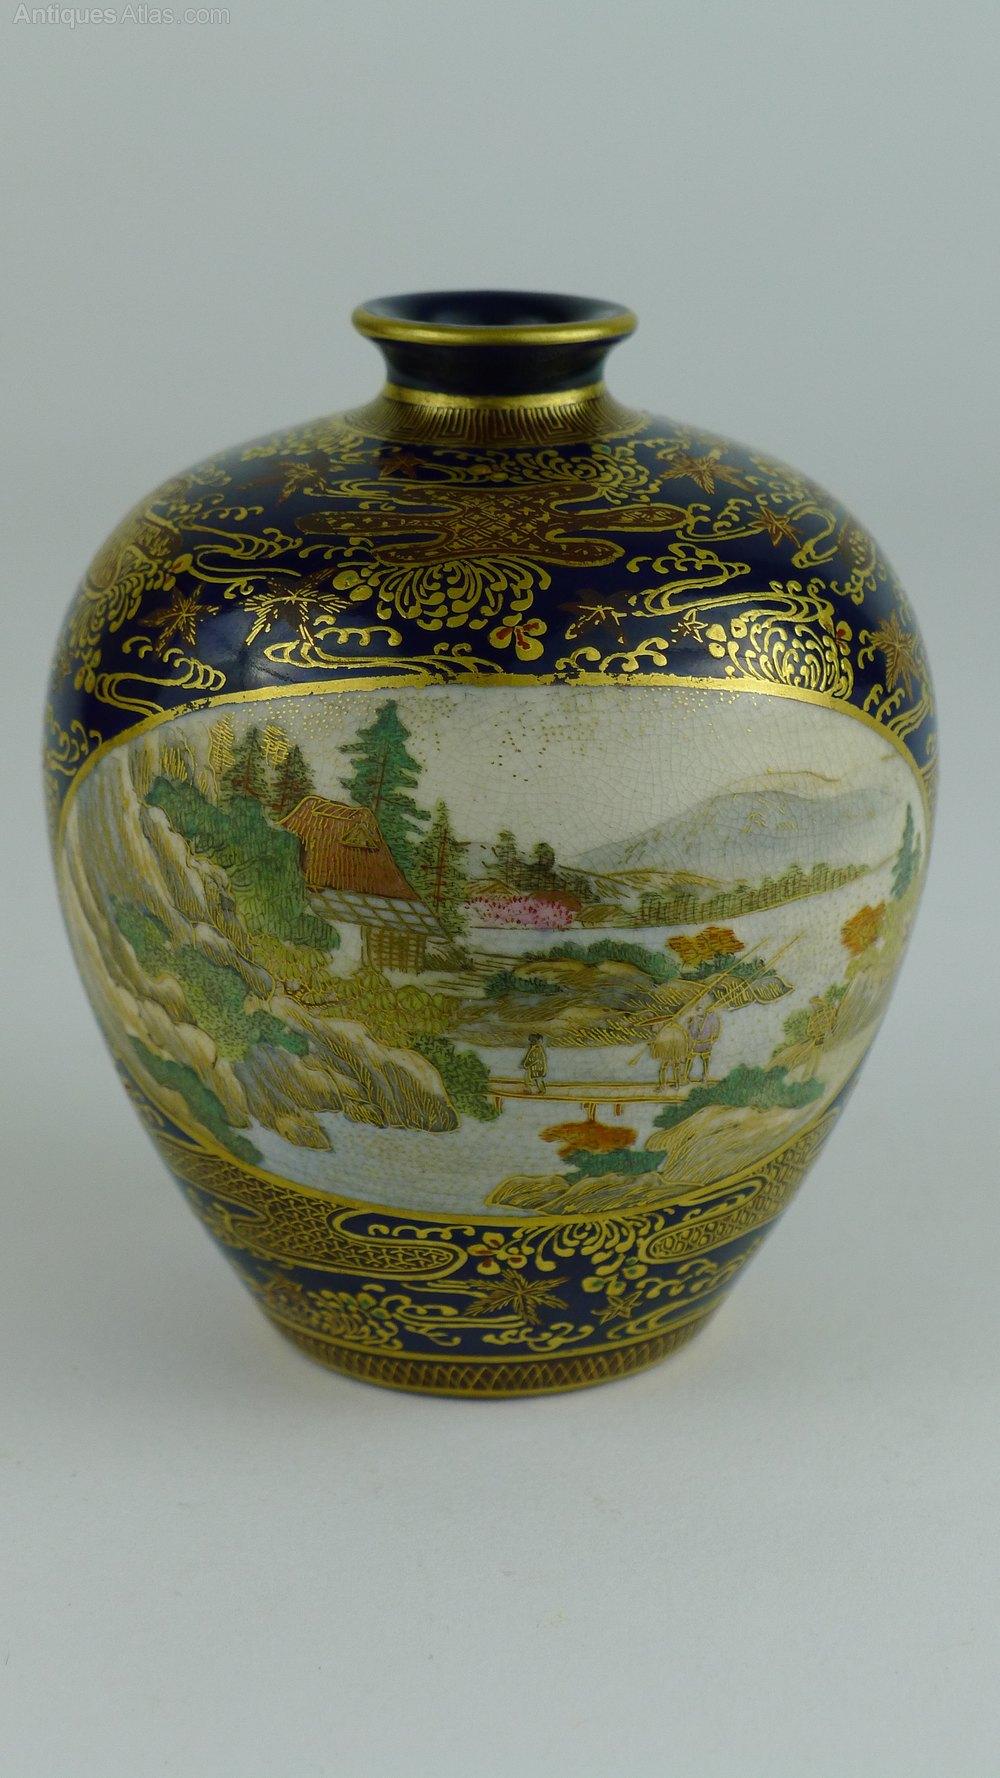 Antiques Atlas Signed 19th C Japanese Satsuma Vase